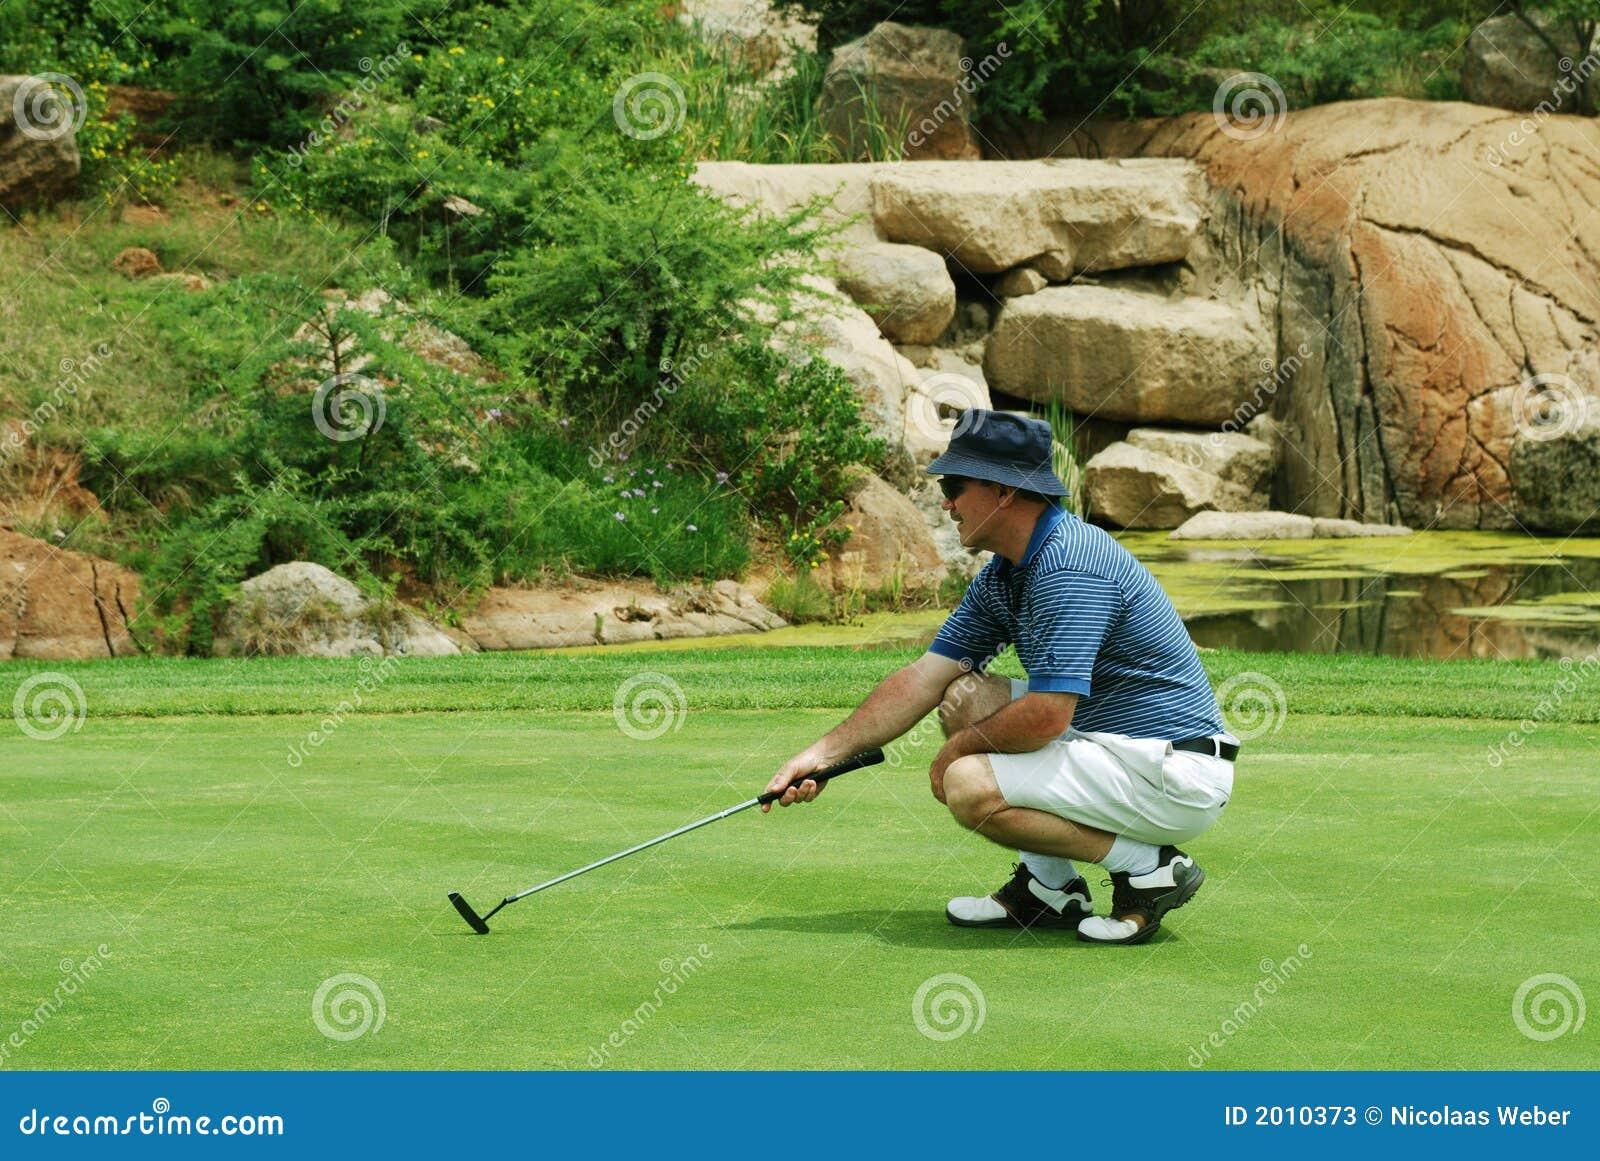 Golfeur sur le vert.